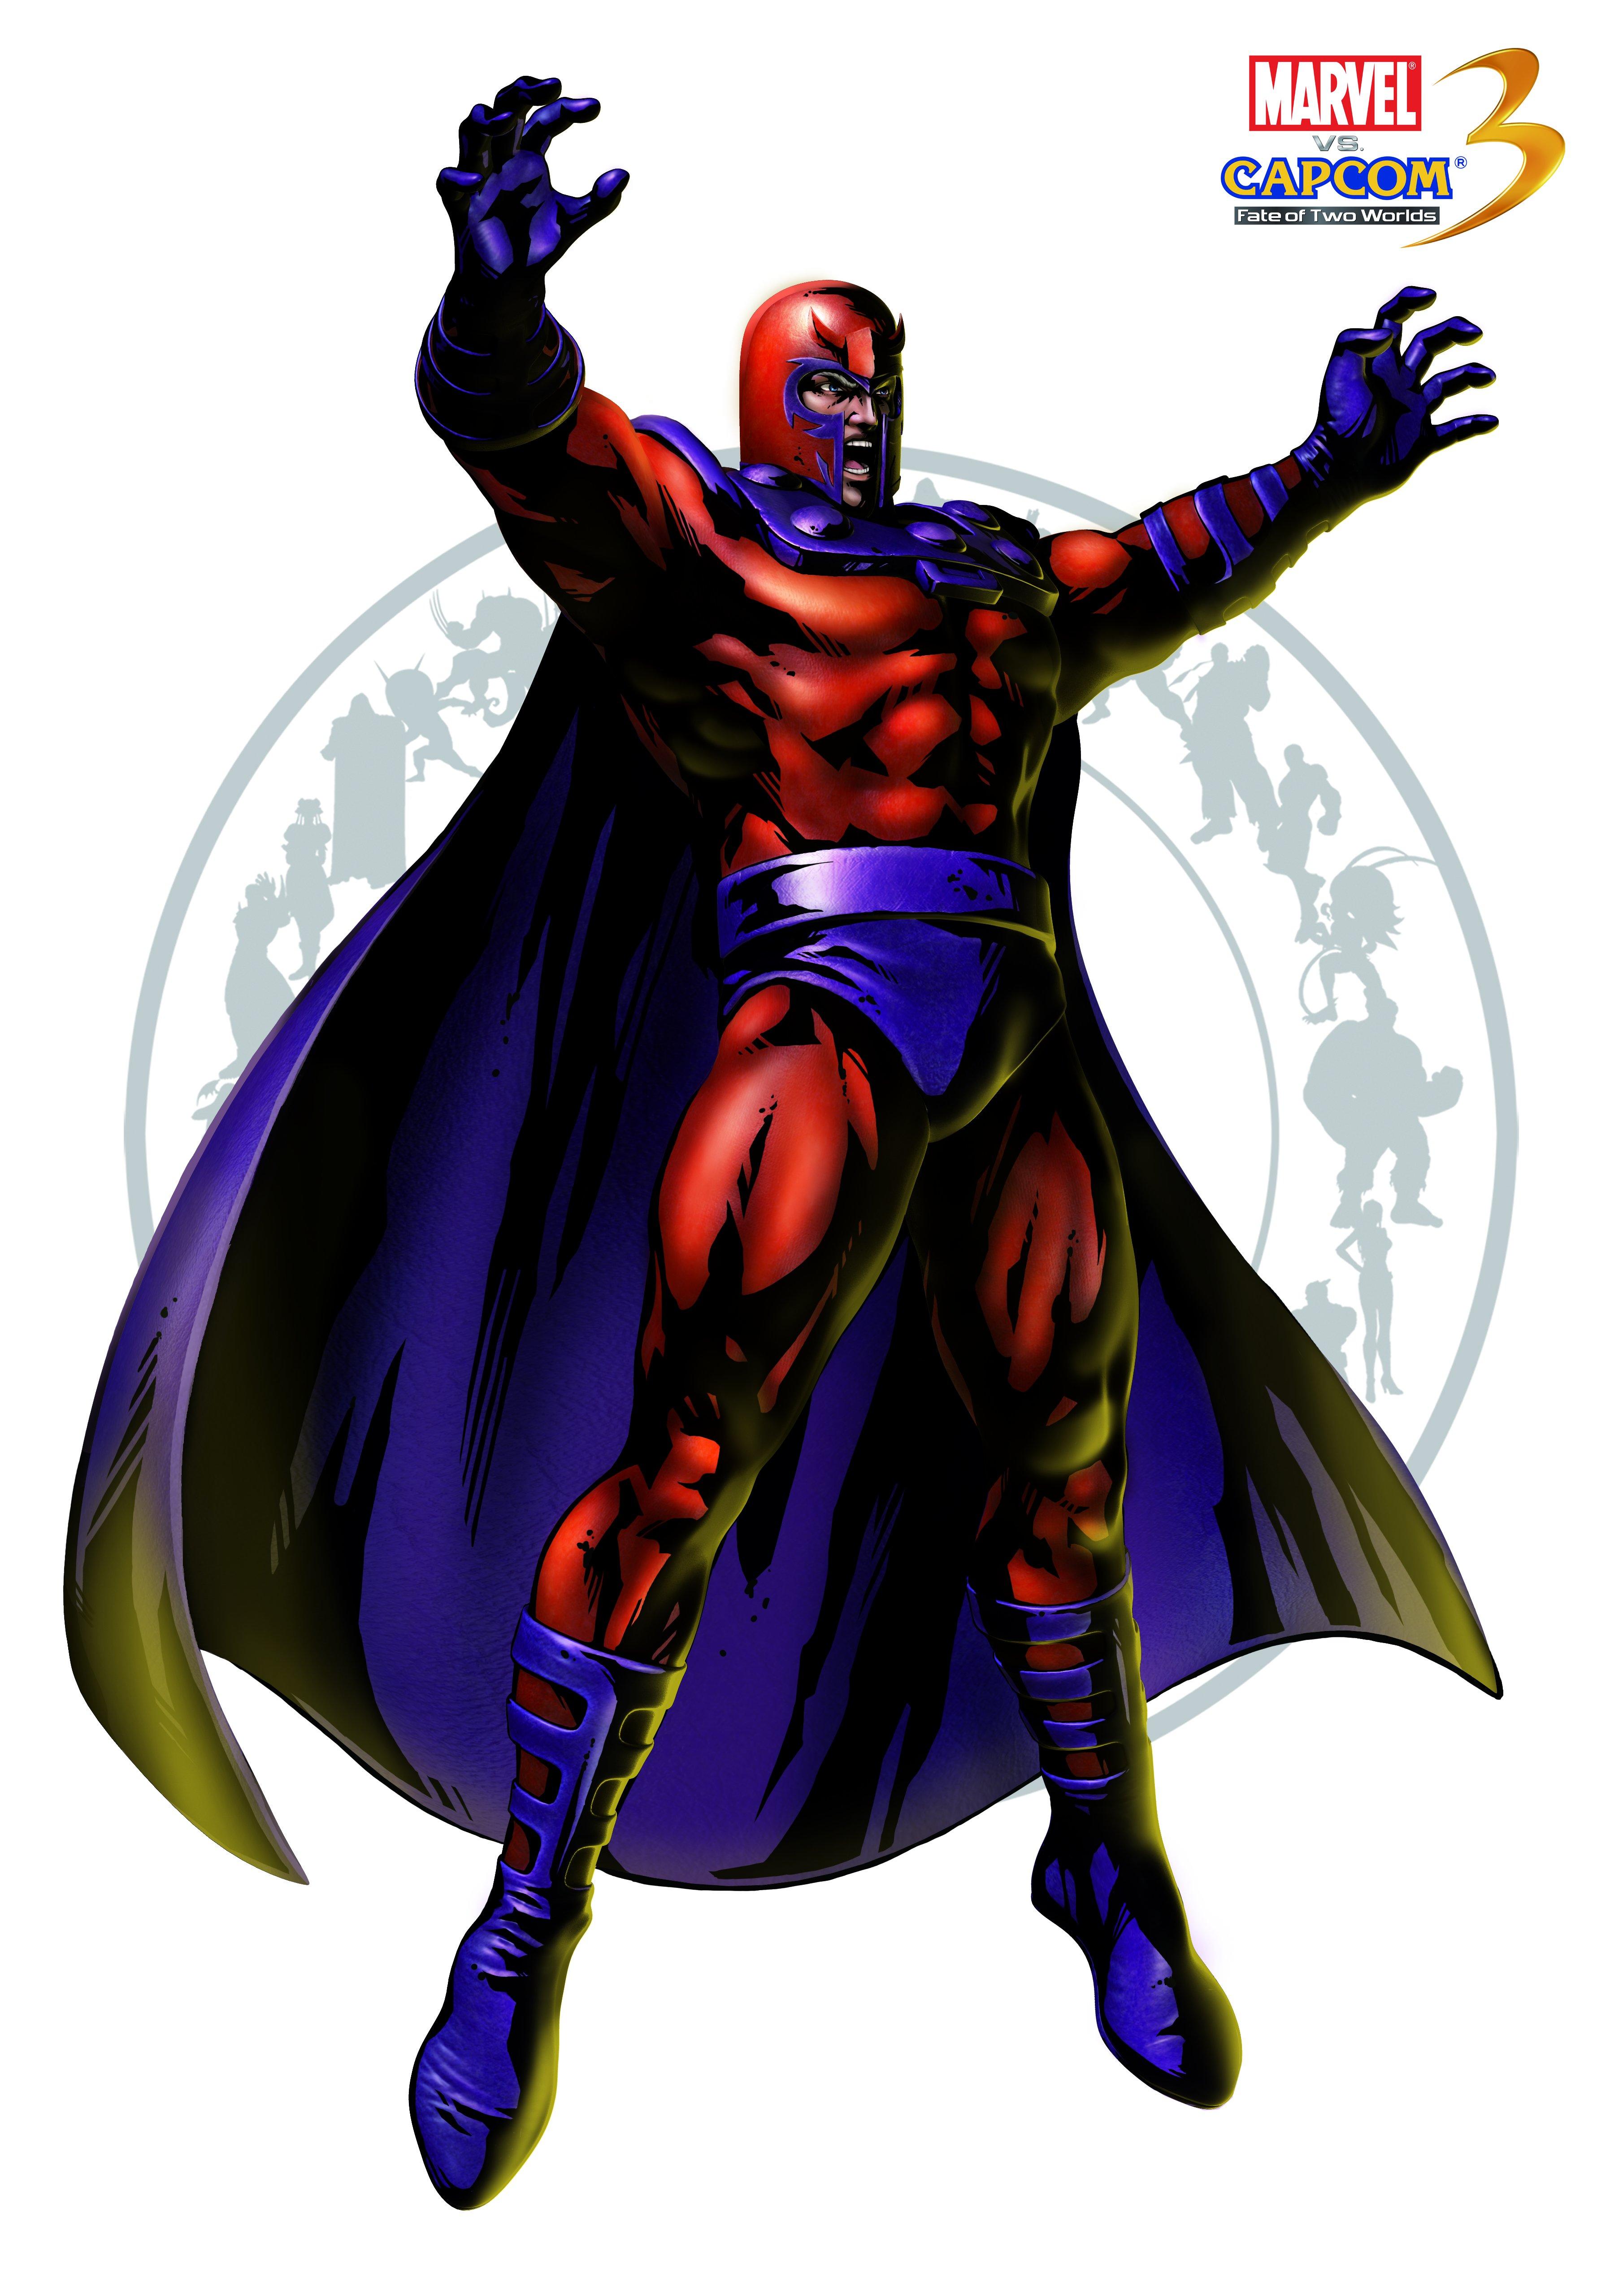 Магнето - Marvel vs. Capcom 3: Fate of Two Worlds Арт, Персонаж